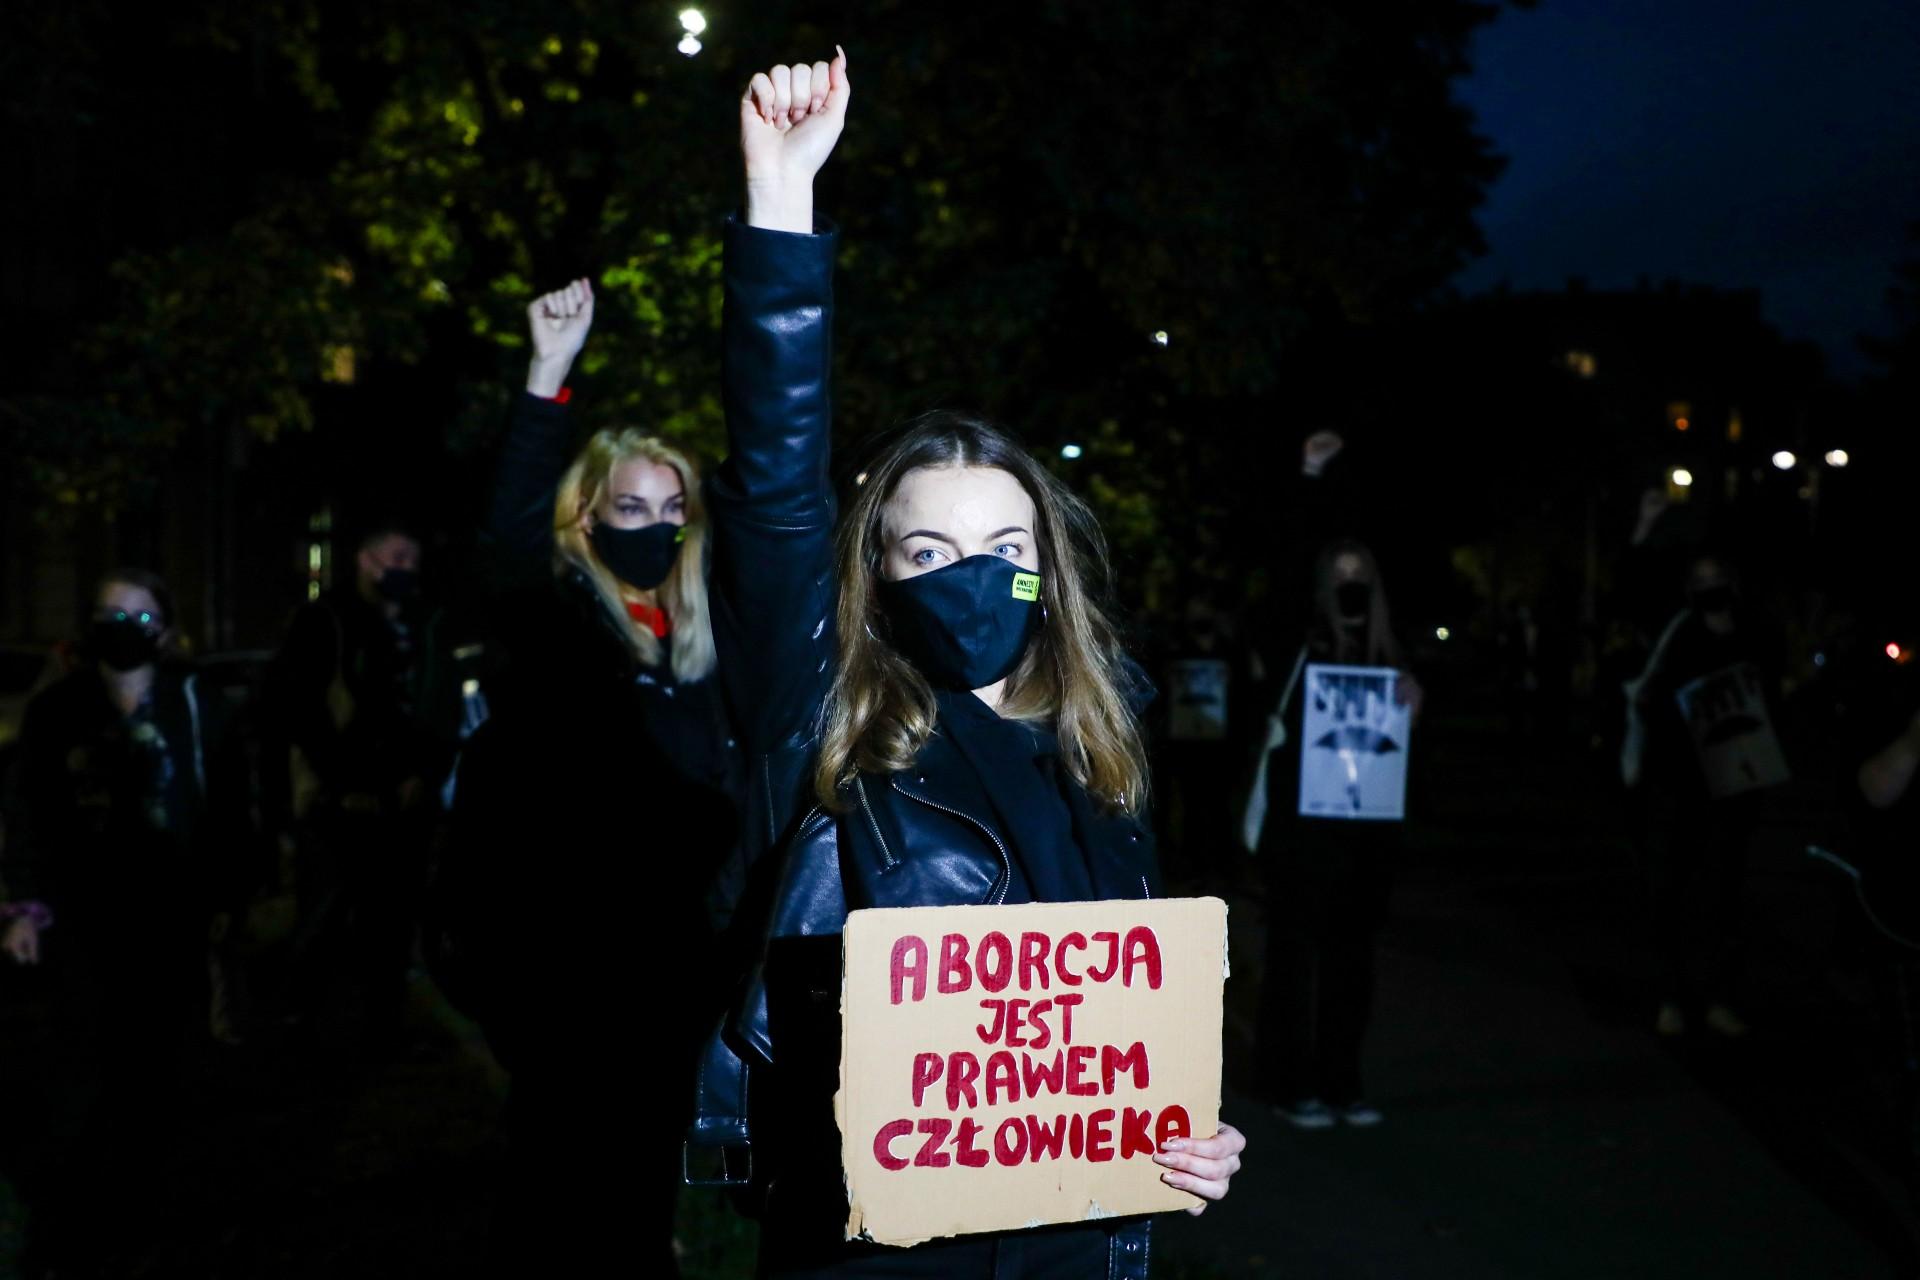 Wczoraj policja użyła gazu wstosunku doprotestujących. Jak działać dzisiaj?